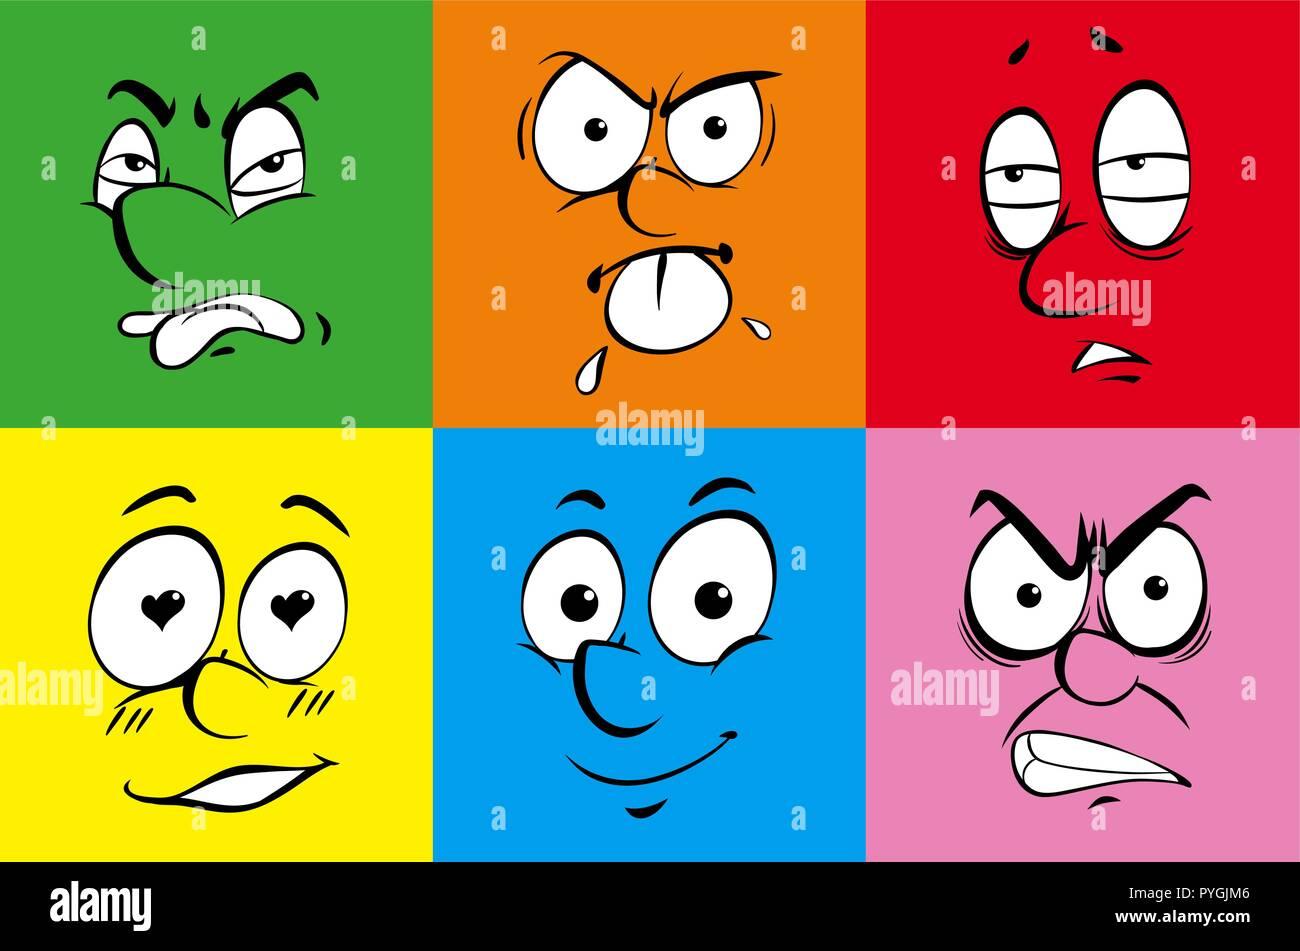 Derechos de las expresiones faciales de coloridas ilustraciones de fondo Ilustración del Vector